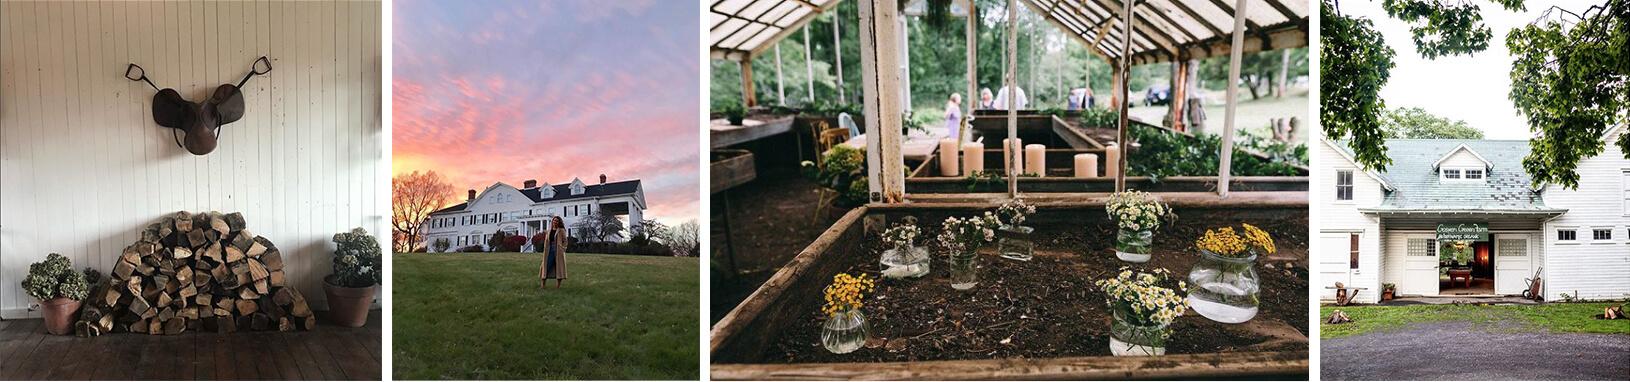 Farmhouse Collage Ana Hito Goop